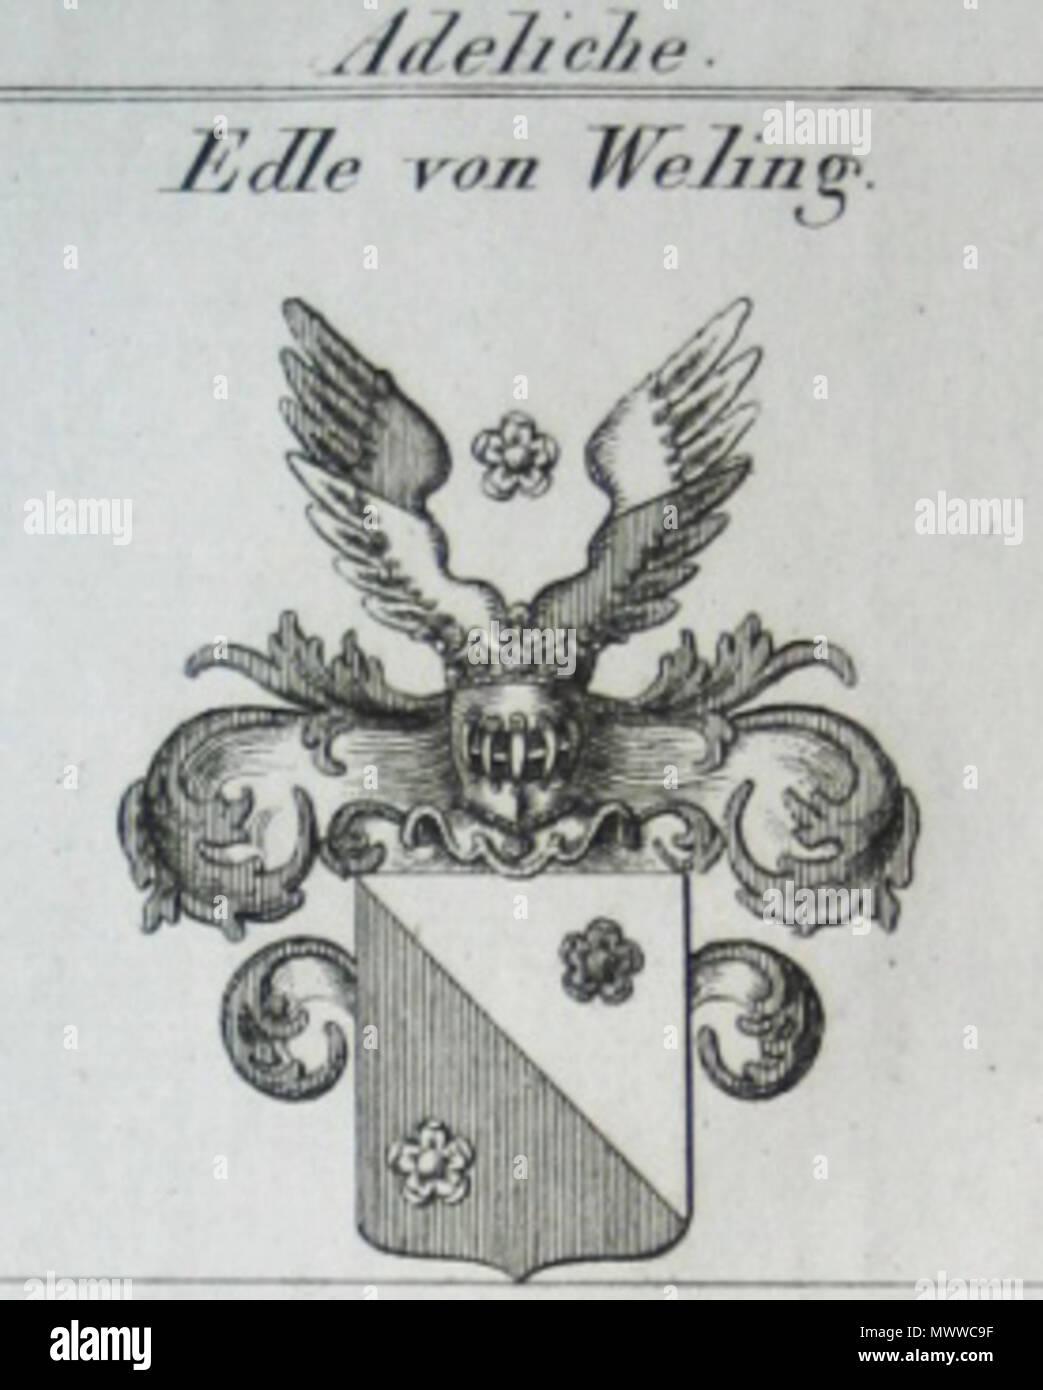 . Deutsch: Wappen der bayerischen Adelsfamilie der Edlen von Weling, nobilitiert 1816, ausgestorben 1872 . 23 November 2009, 12:01:51. zeitgenössischer Stecher, um 1820 178 Edle von Weling - Stock Image